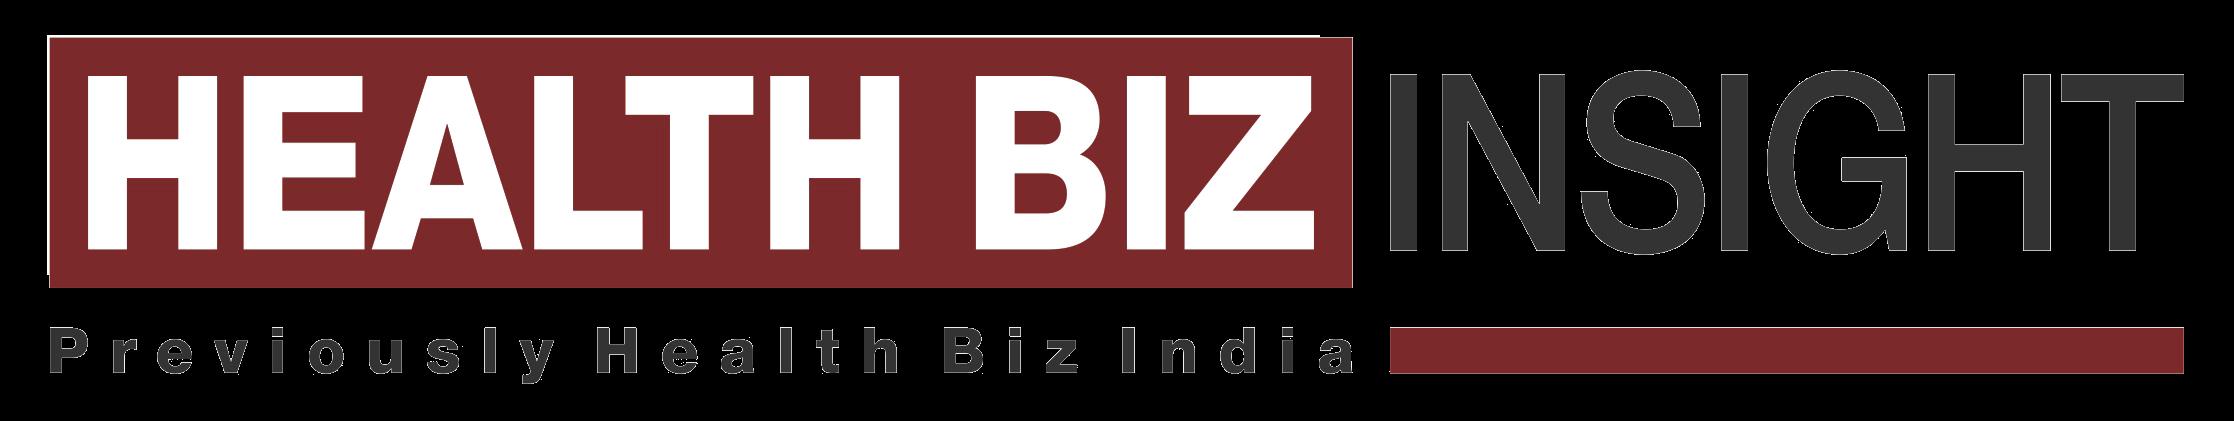 HealthBizInsight - Media Partner for InnoHEALTH 2018